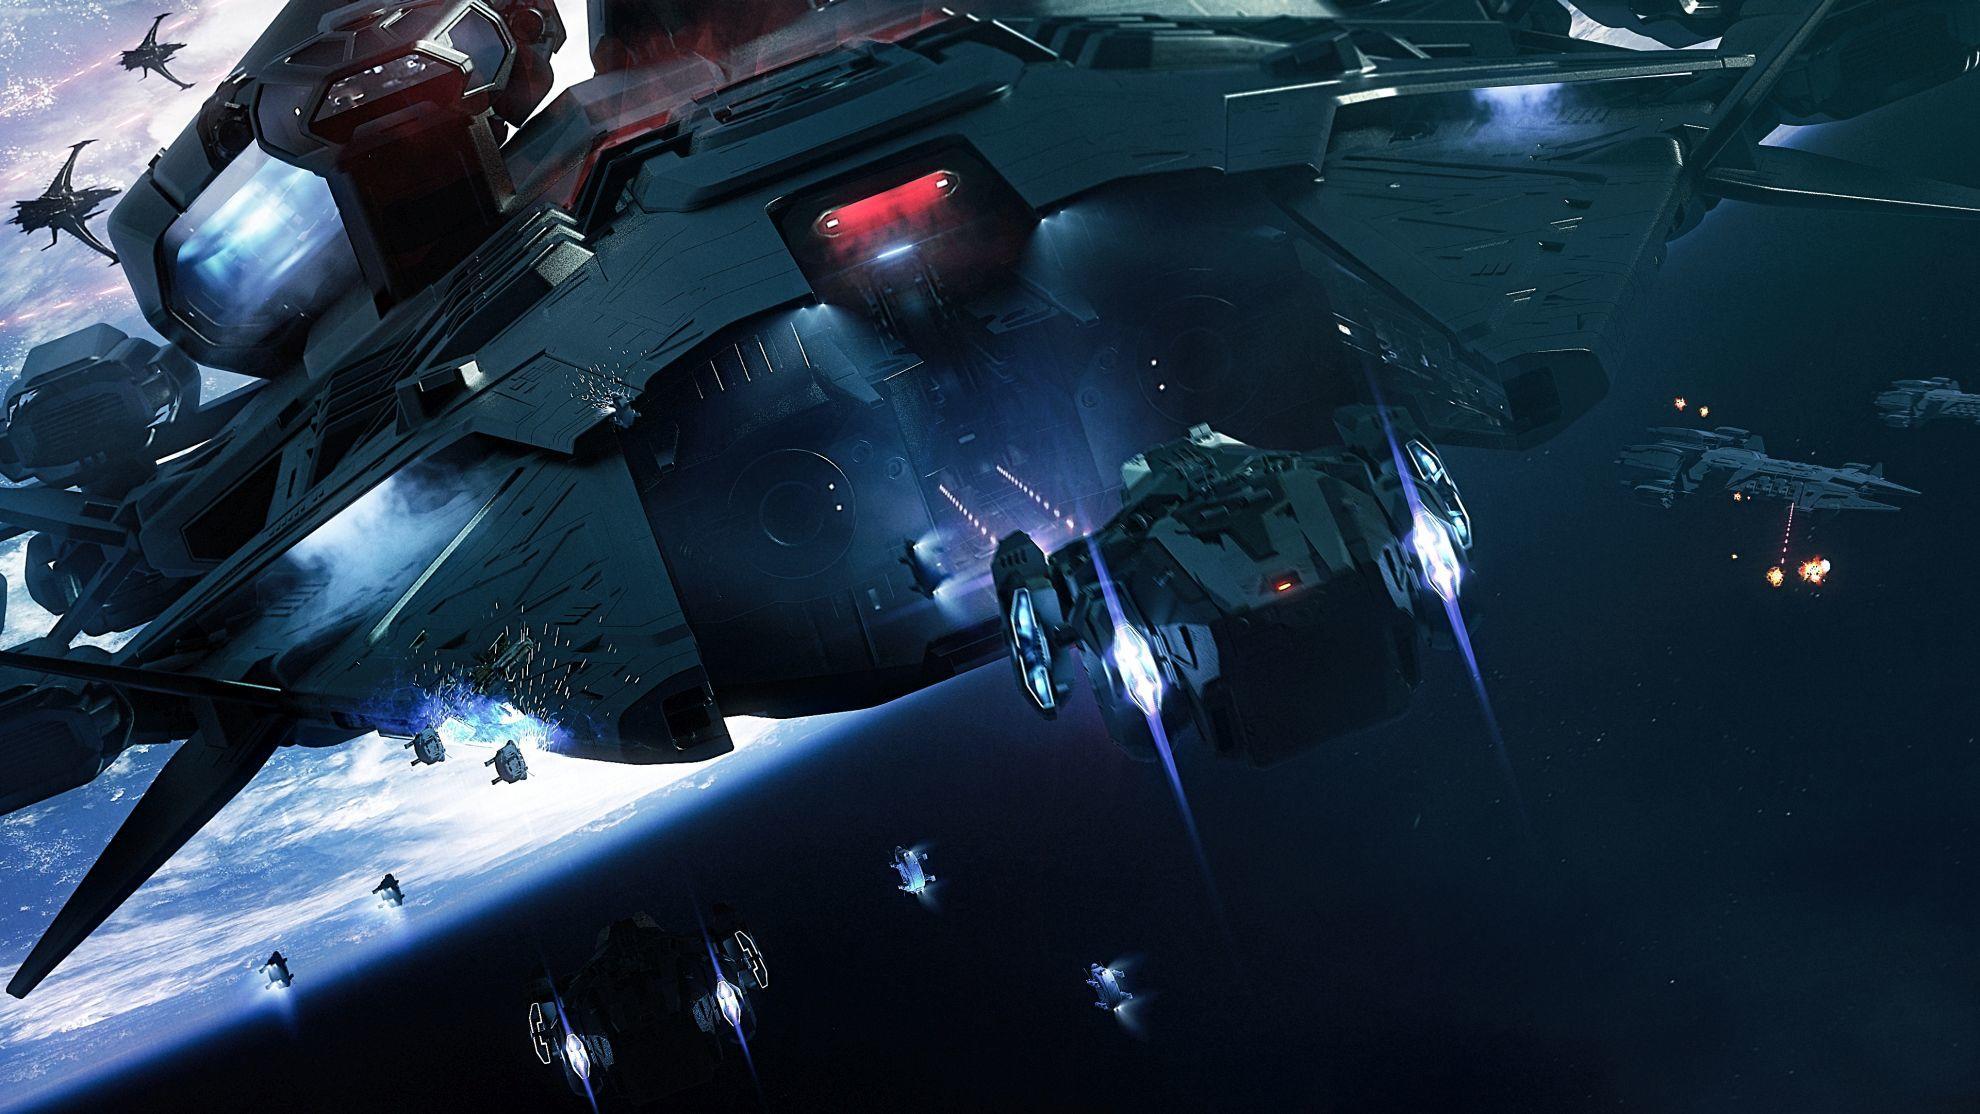 Aegis Vulcan - konfiguracja do napraw polowych